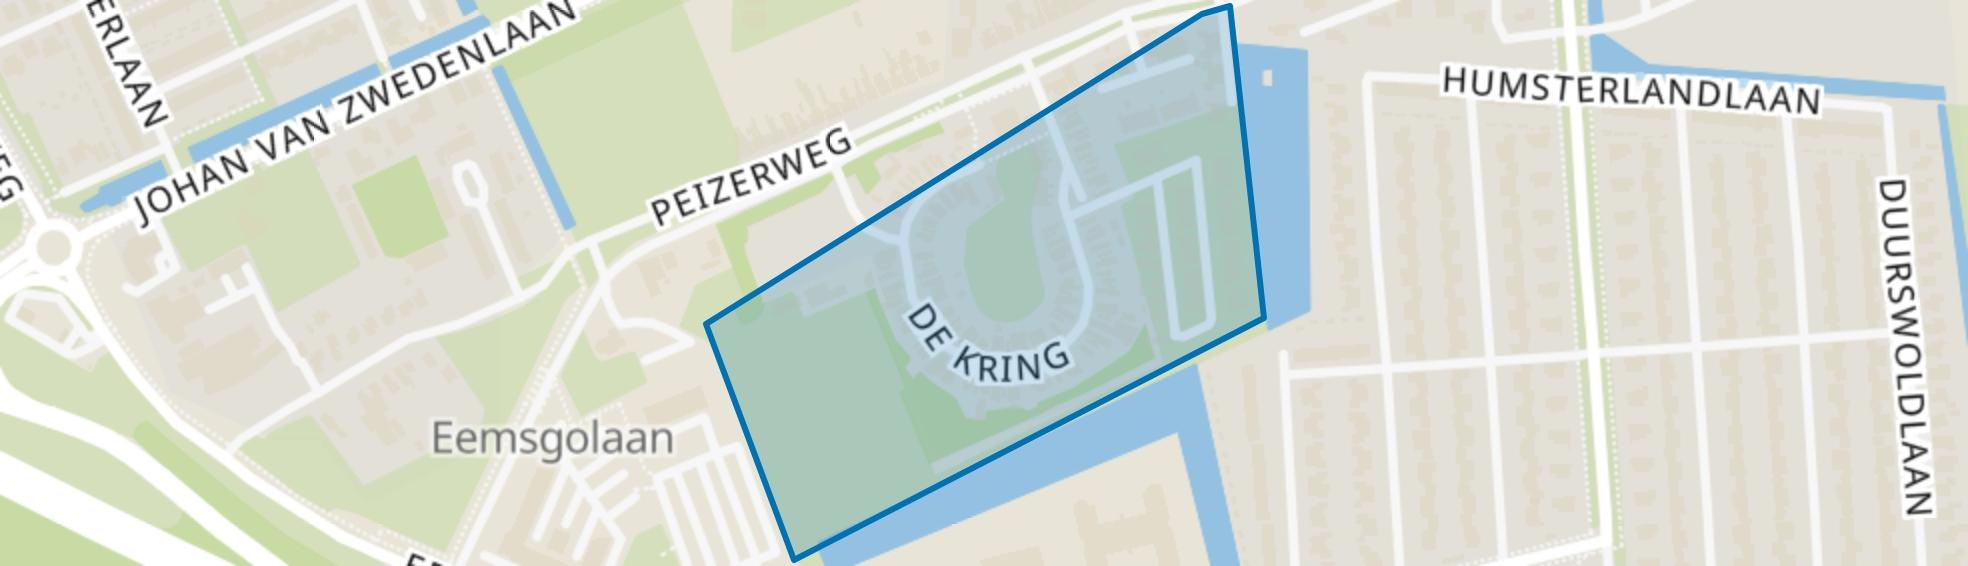 De Kring, Groningen map